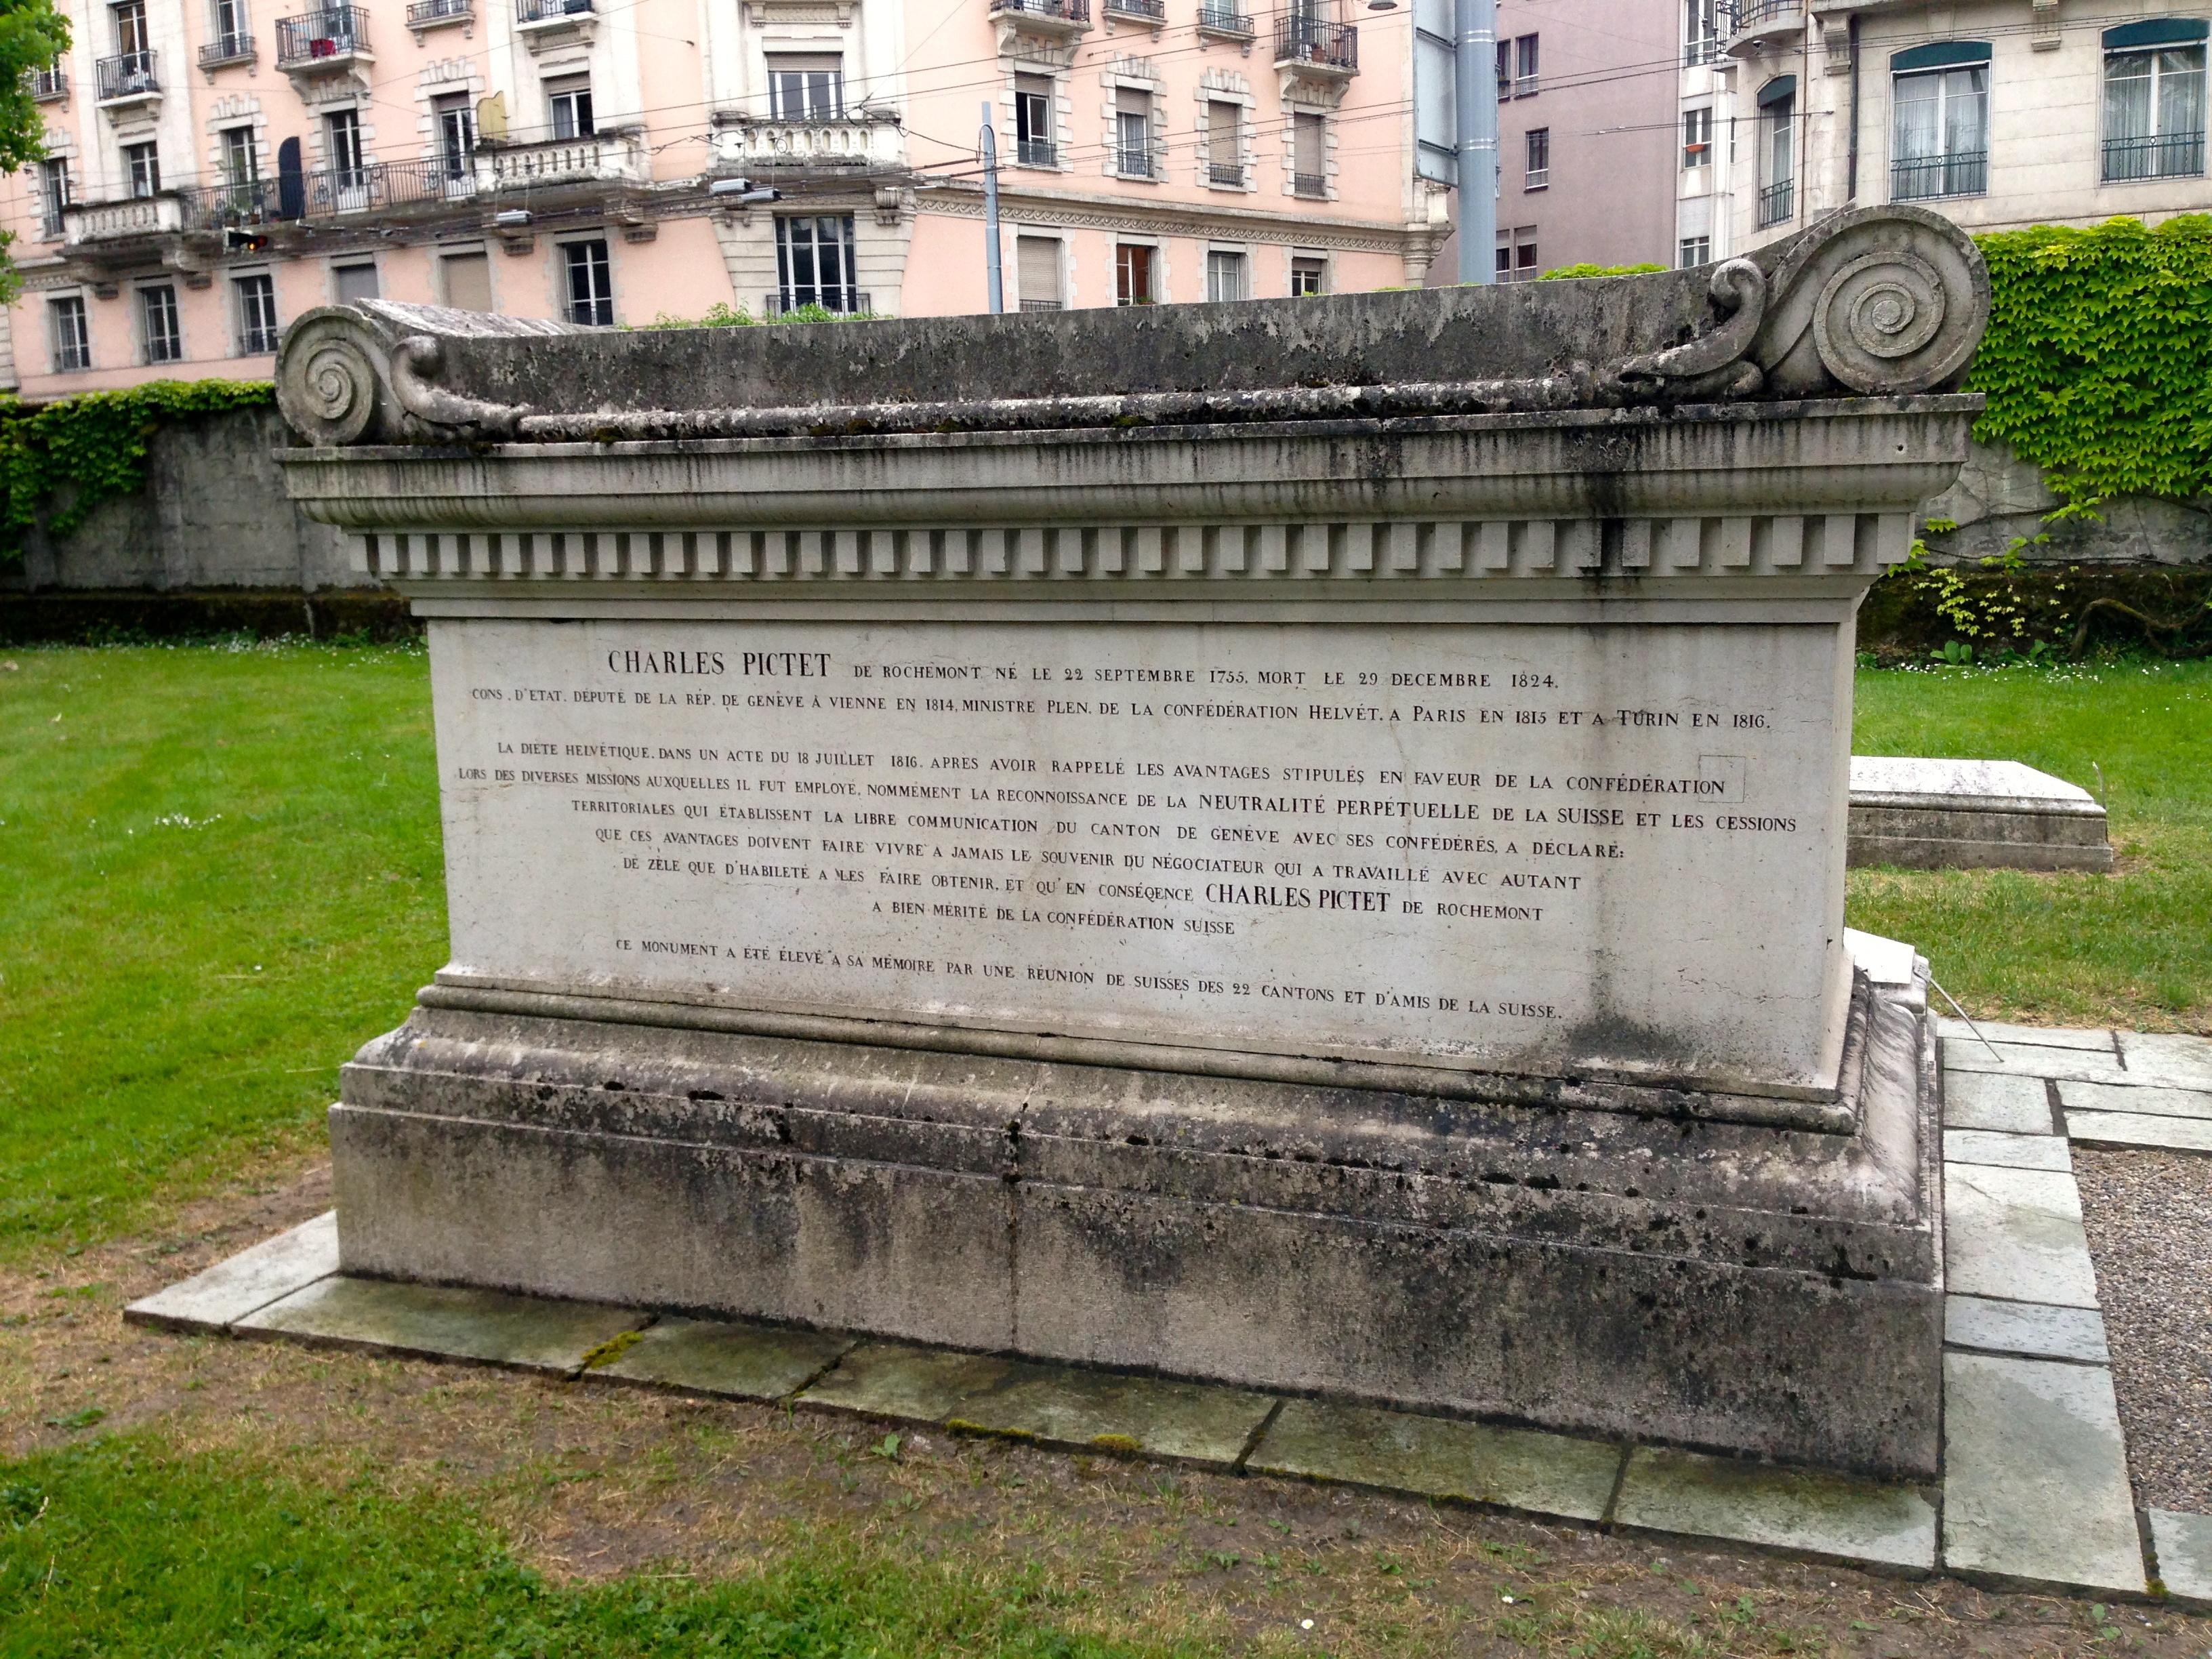 Sur son tombeau, l'épitaphe retrace la vie de